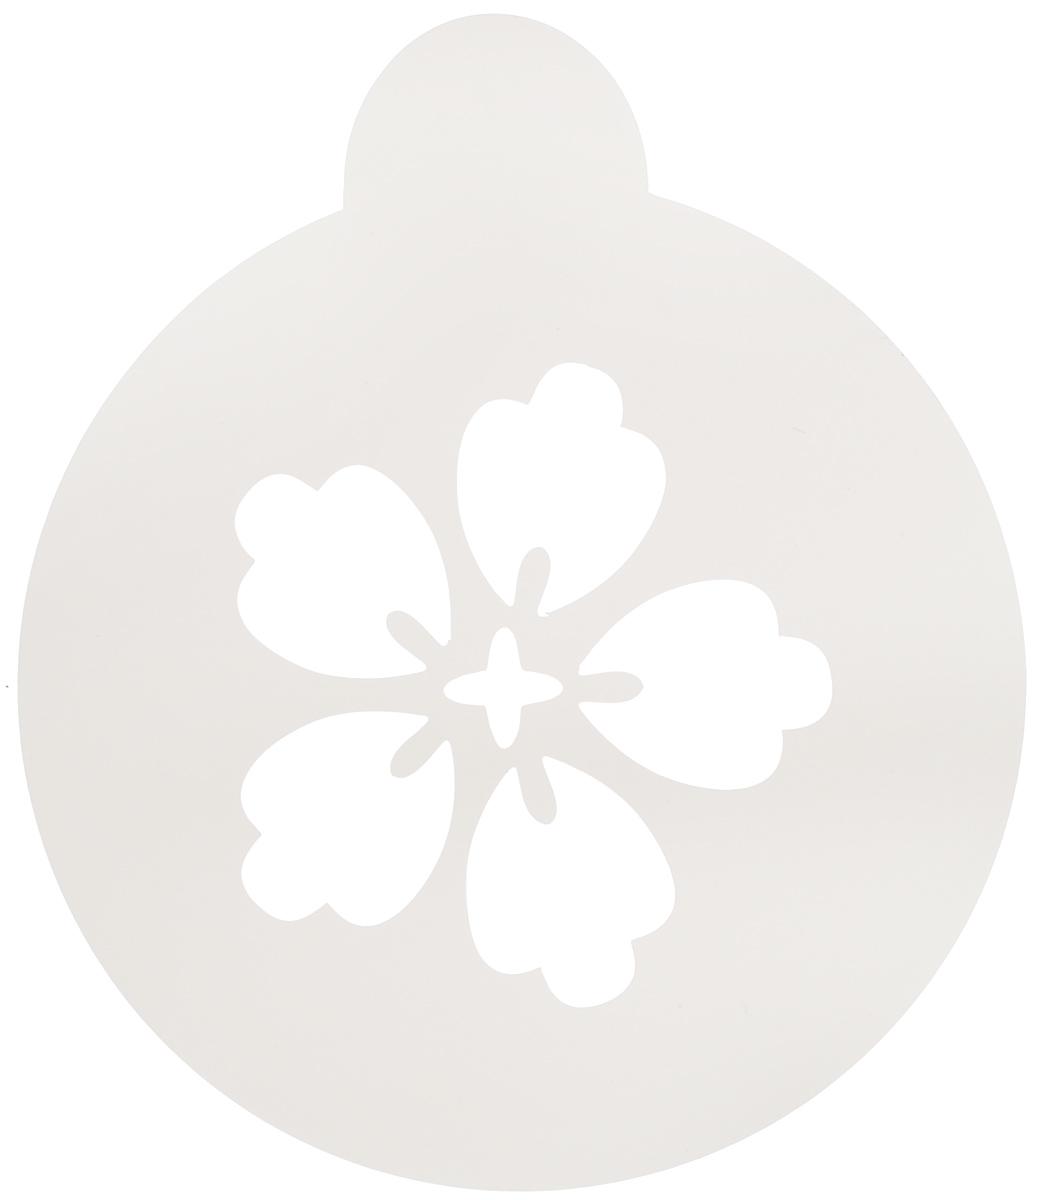 Трафарет на кофе и десерты Леденцовая фабрика Цветочек-пятилистник, диаметр 10 смТ023Трафарет Леденцовая фабрика Цветочек-пятилистник представляет собой пластину с прорезями, через которые пищевая краска (сахарная пудра, какао, шоколад, сливки, корица, дробленый орех) наносится на поверхность кофе, молочных коктейлей, десертов. Трафарет изготовлен из матового пищевого пластика 250 мкм и пригоден для контакта с пищевыми продуктами. Трафарет многоразовый. Побалуйте себя и ваших близких красиво оформленным кофе.